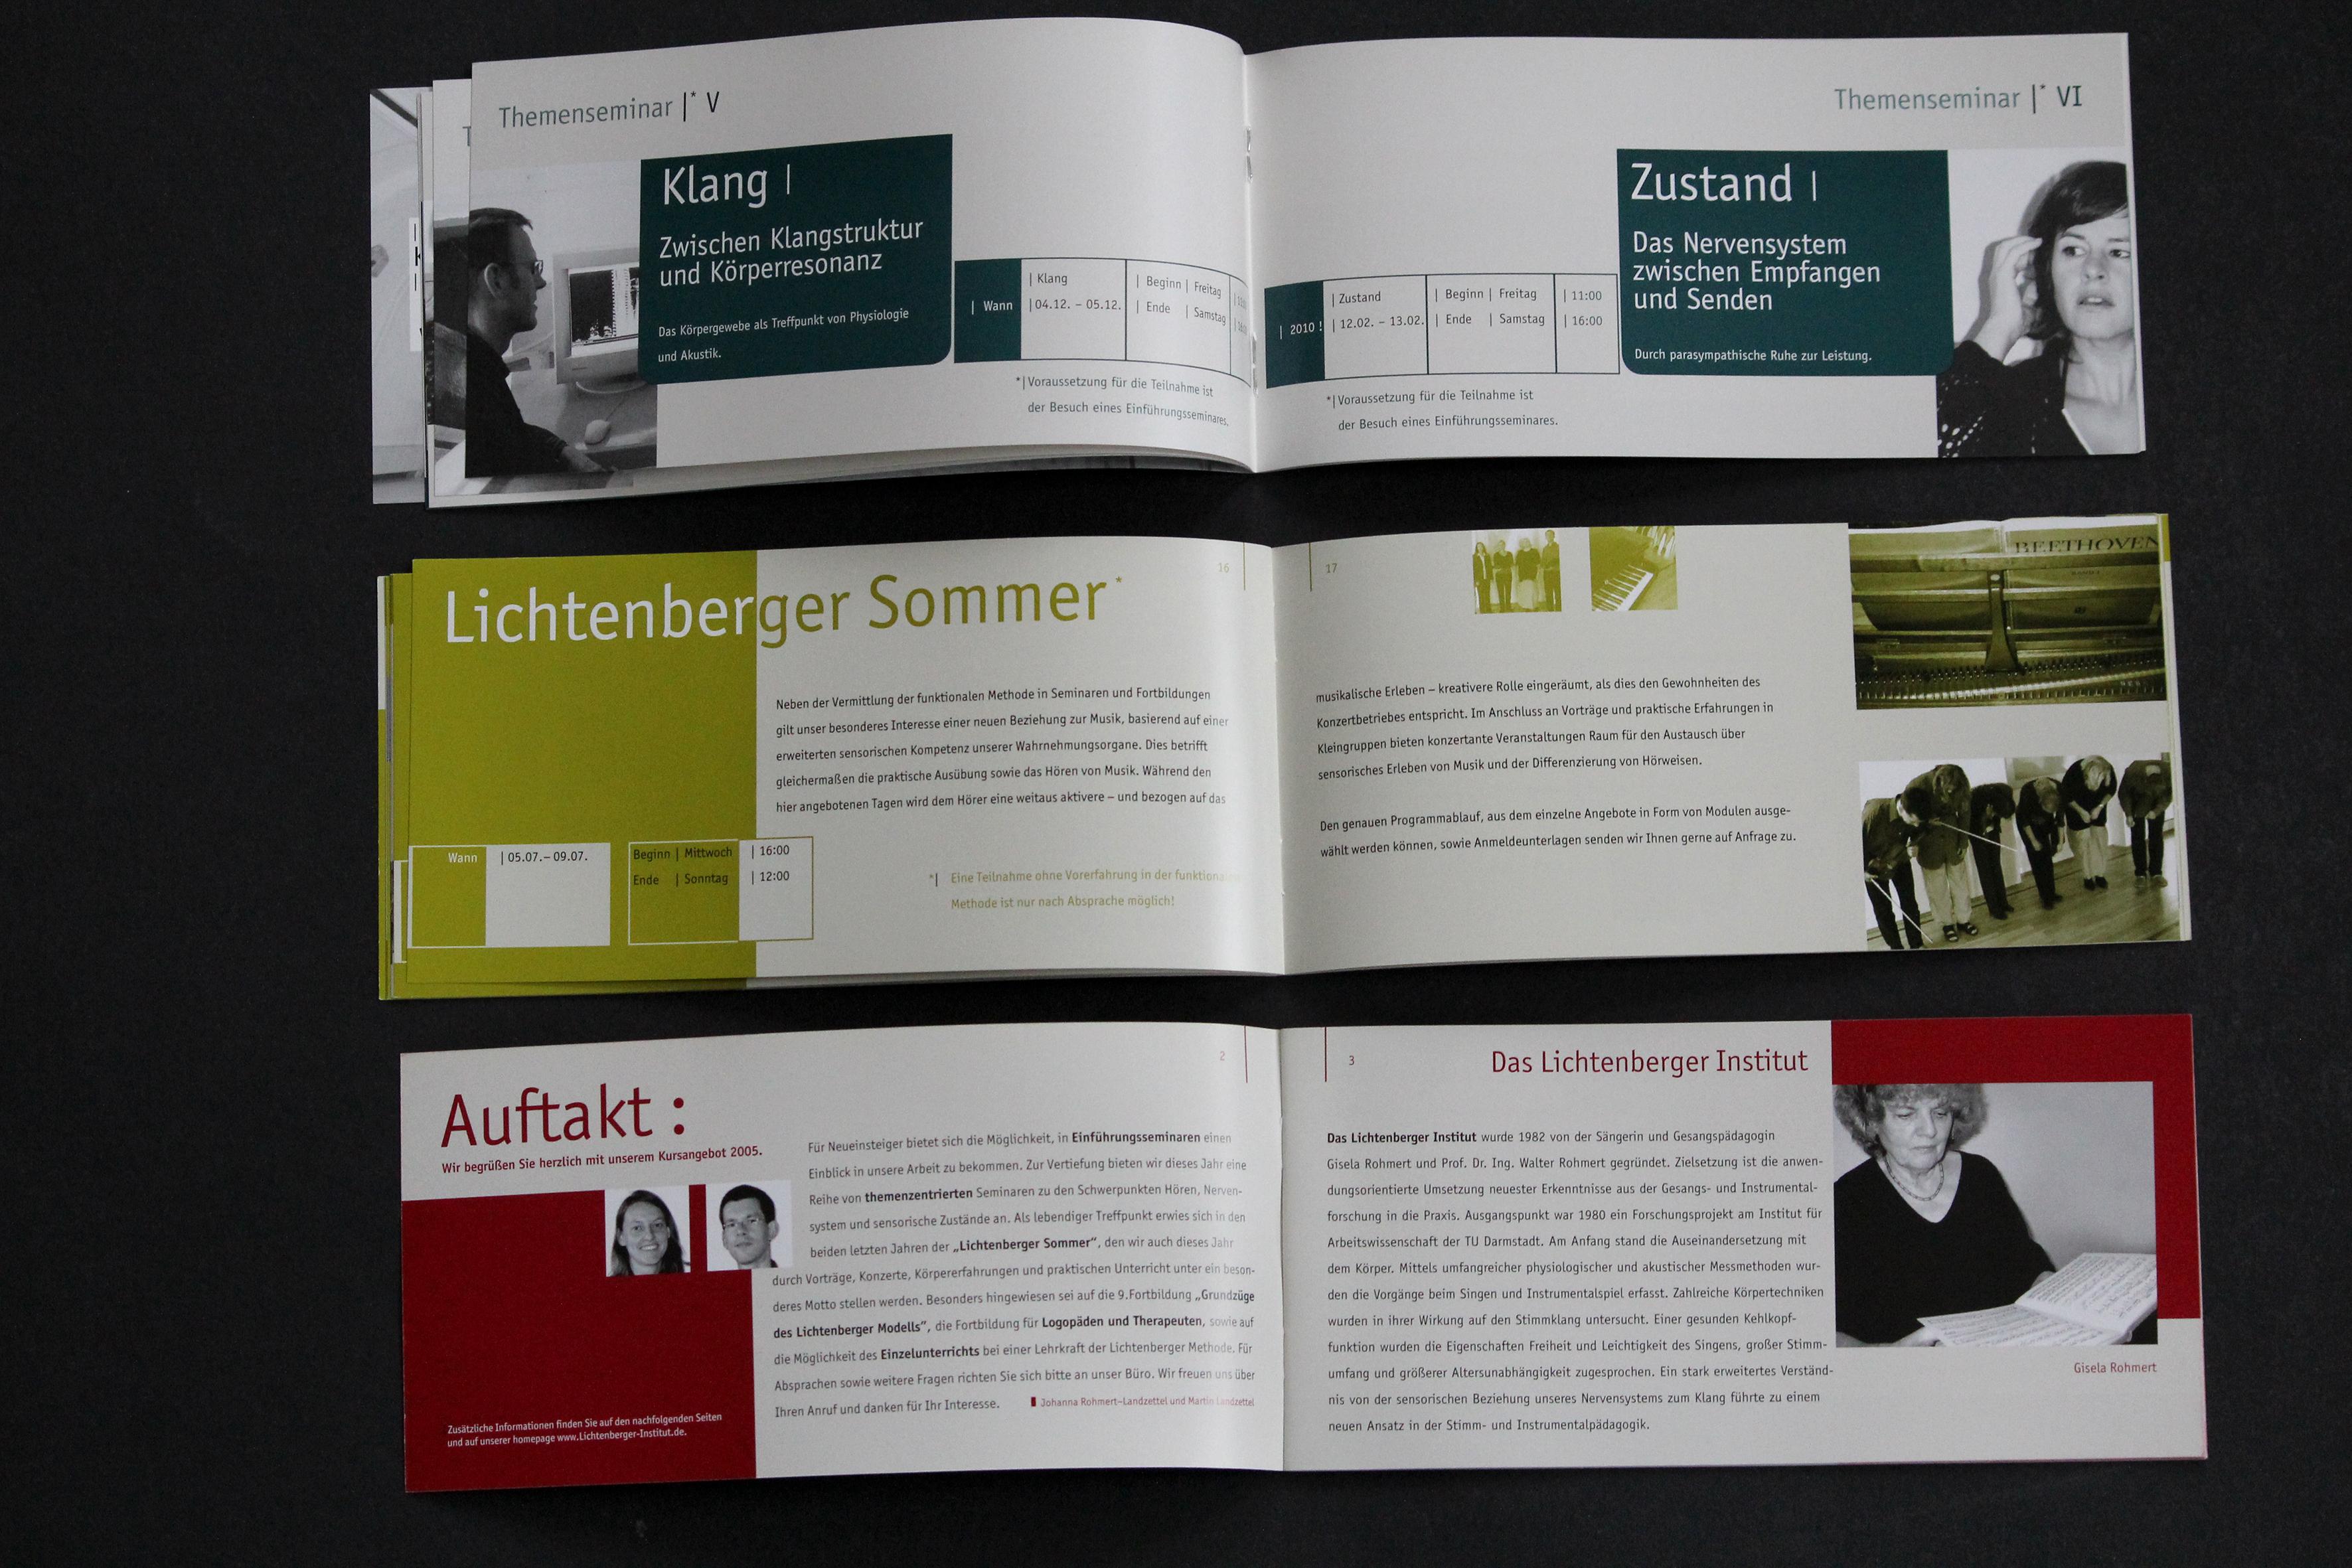 Lichtenberger Institut